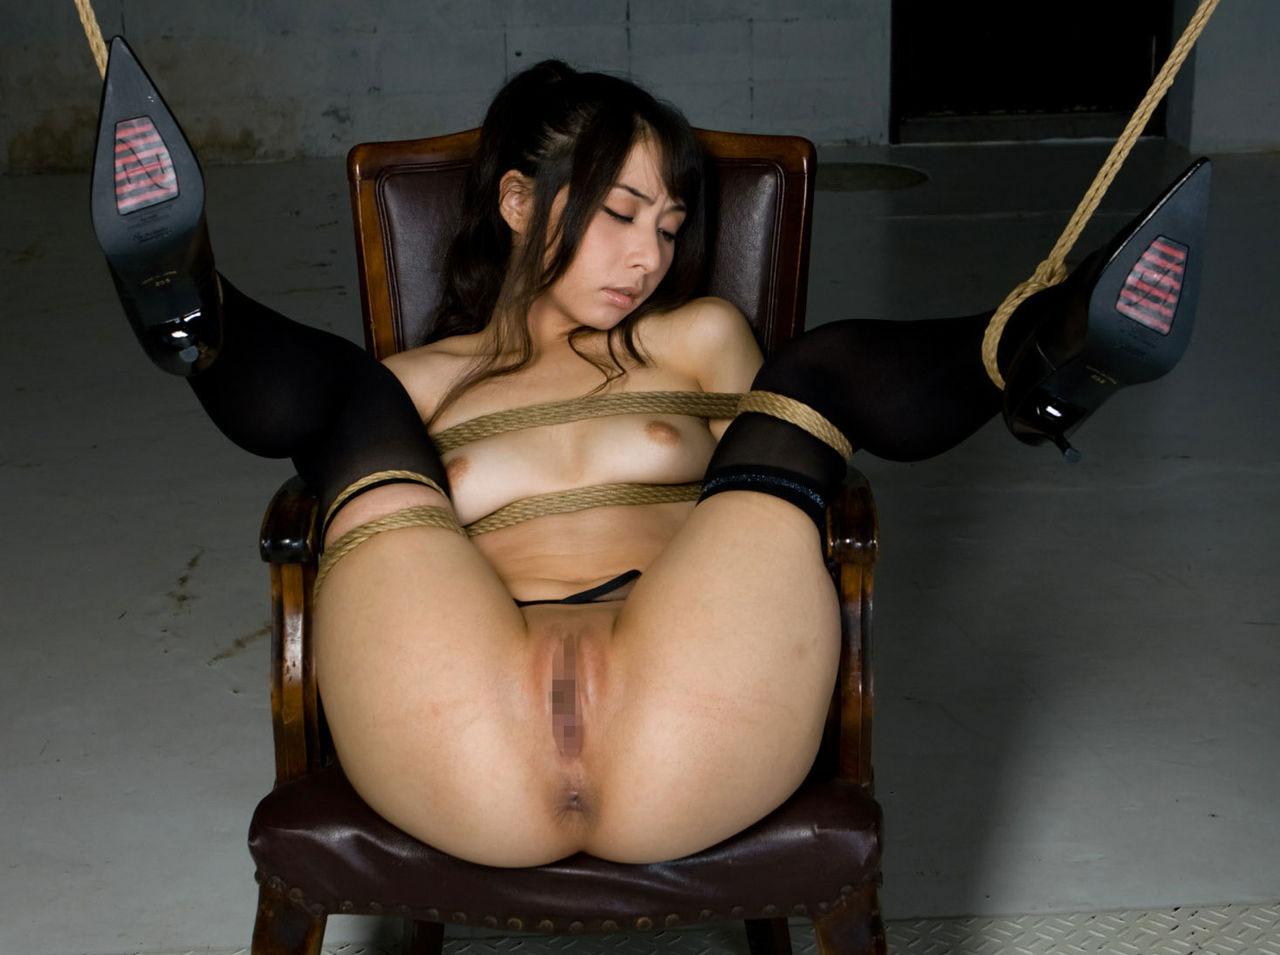 縄で女性を縛るSMプレイ (2)